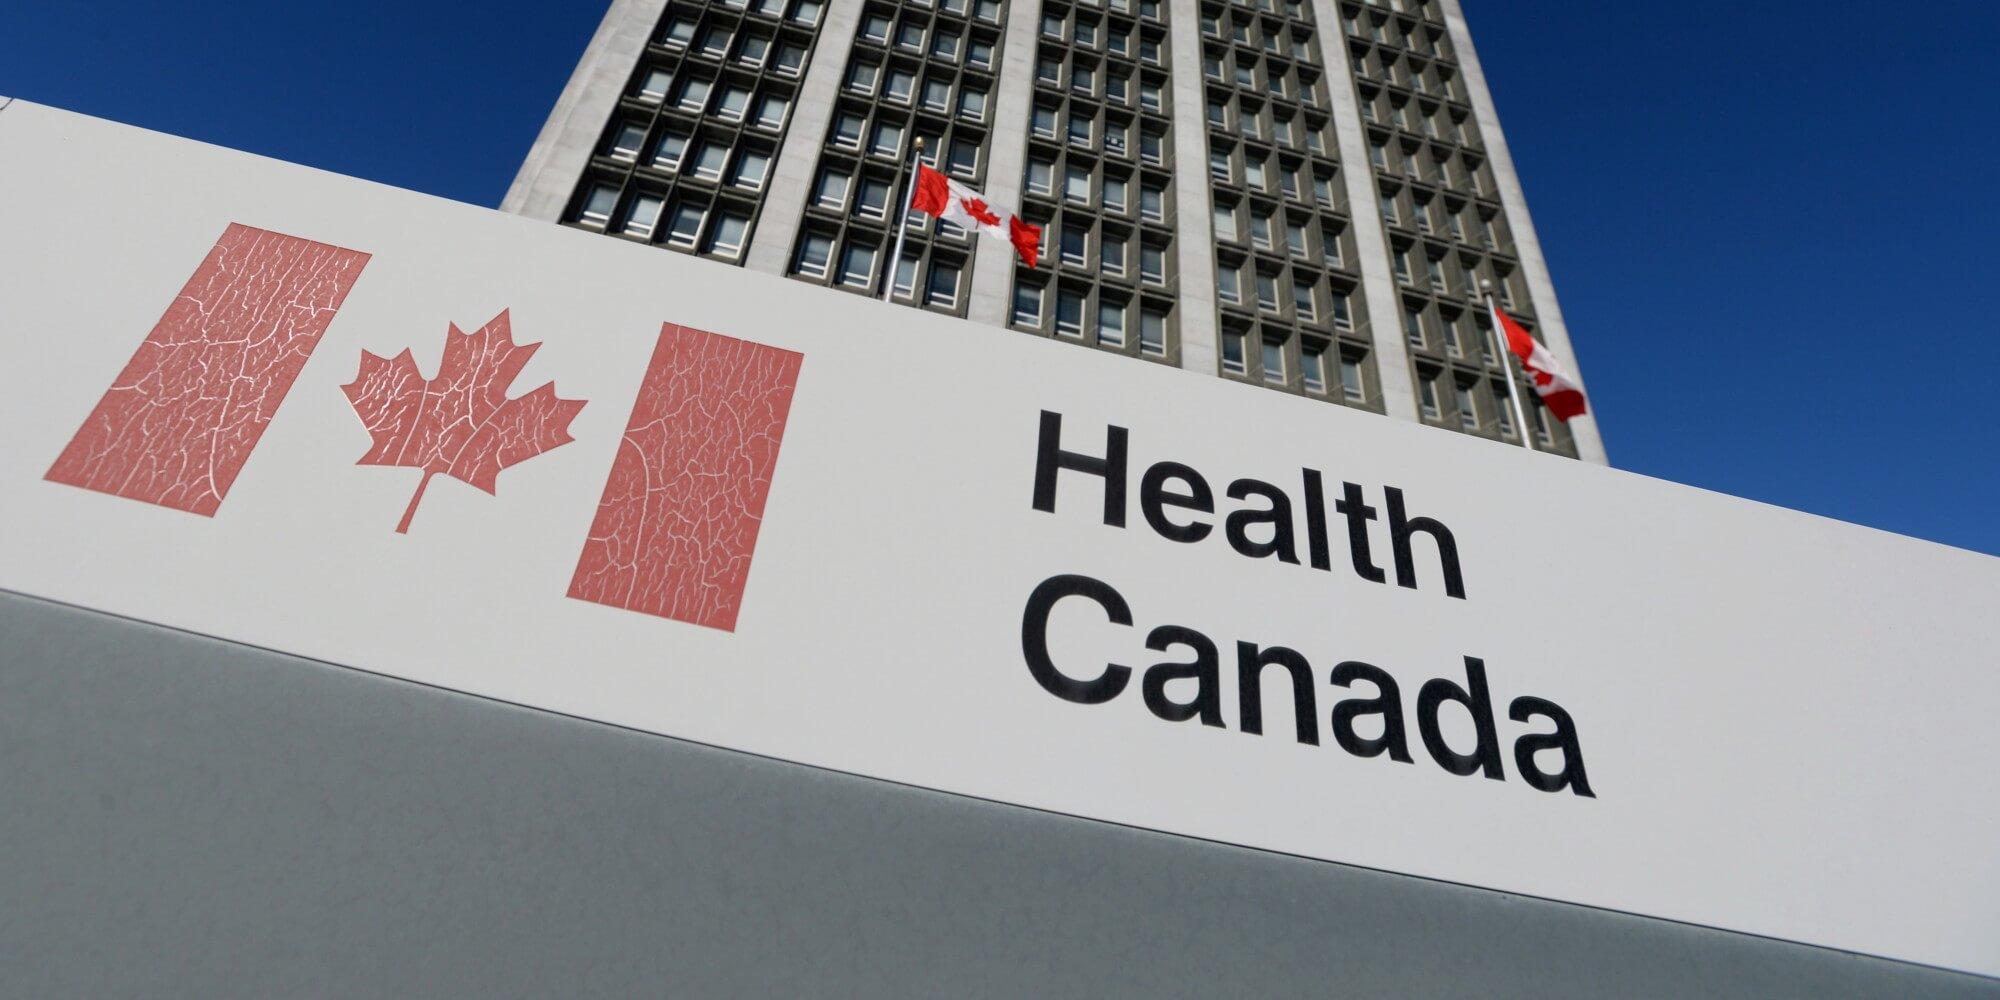 health-canada  5 fatos sobre o sistema de saúde do Canadá que você deveria saber health canada